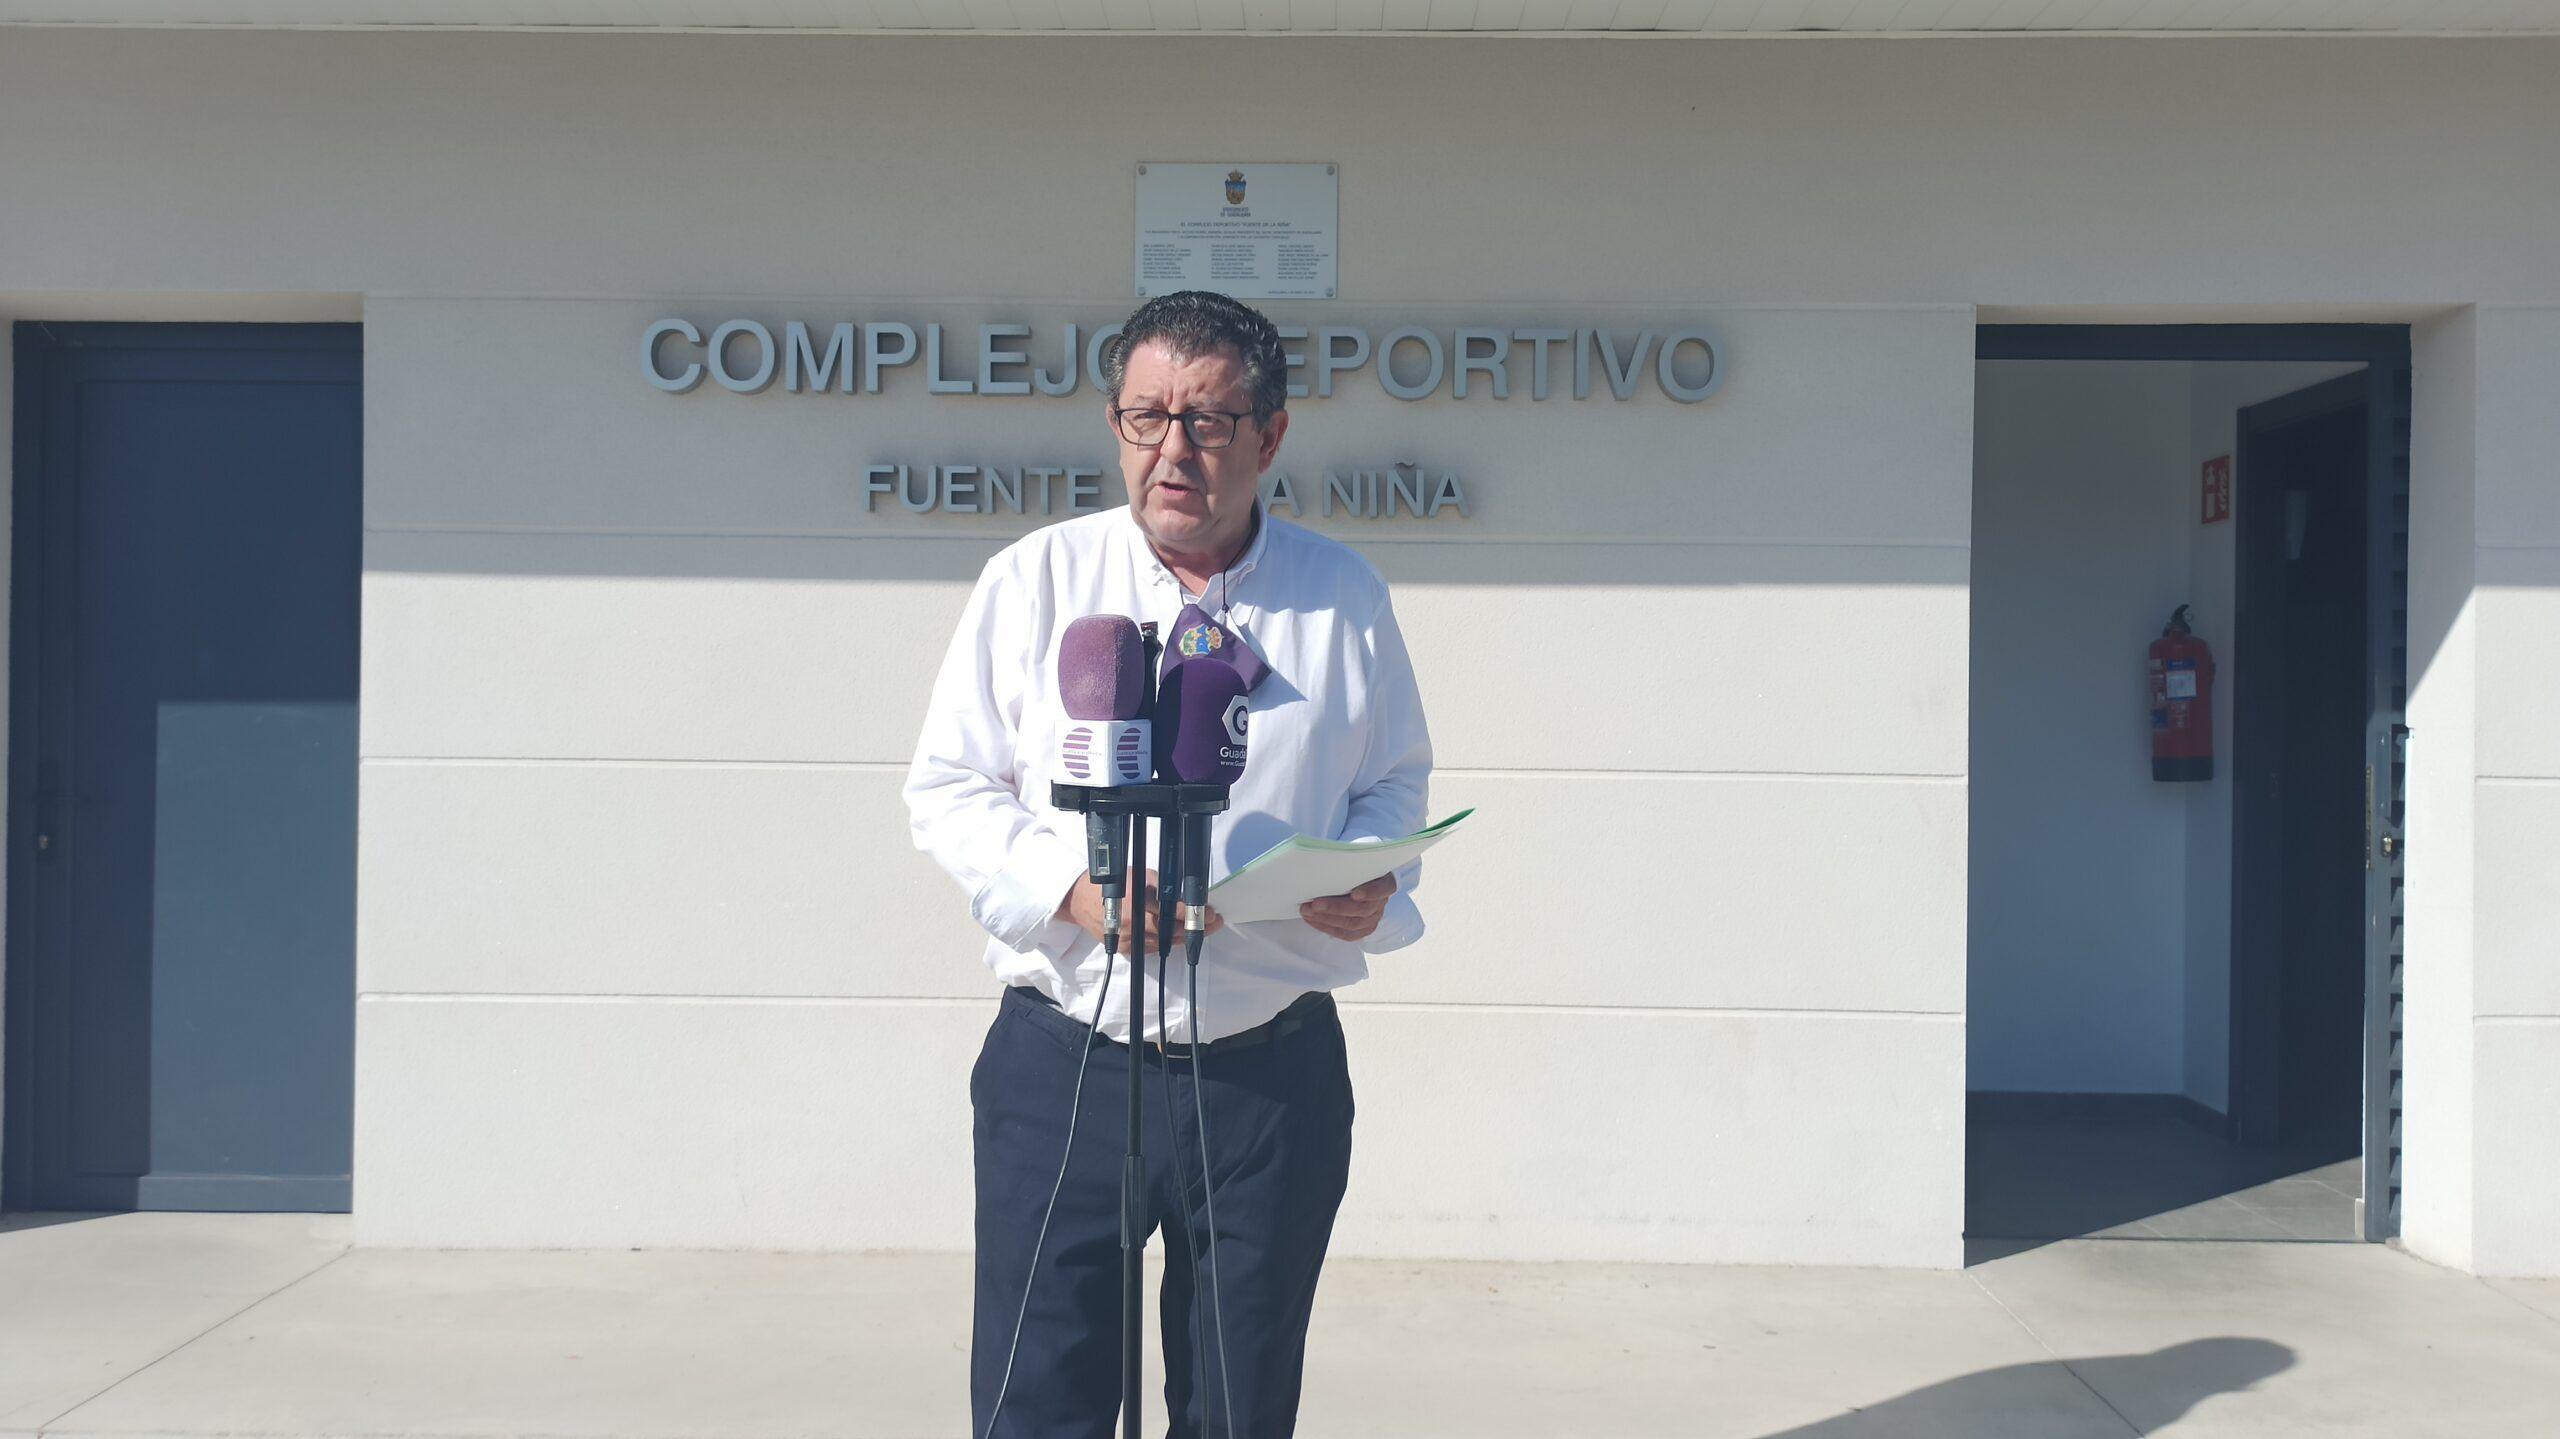 El Ayuntamiento de Guadalajara recupera las escuelas deportivas municipales y garantiza el acceso al deporte en igualdad a 3.600 niños y niñas